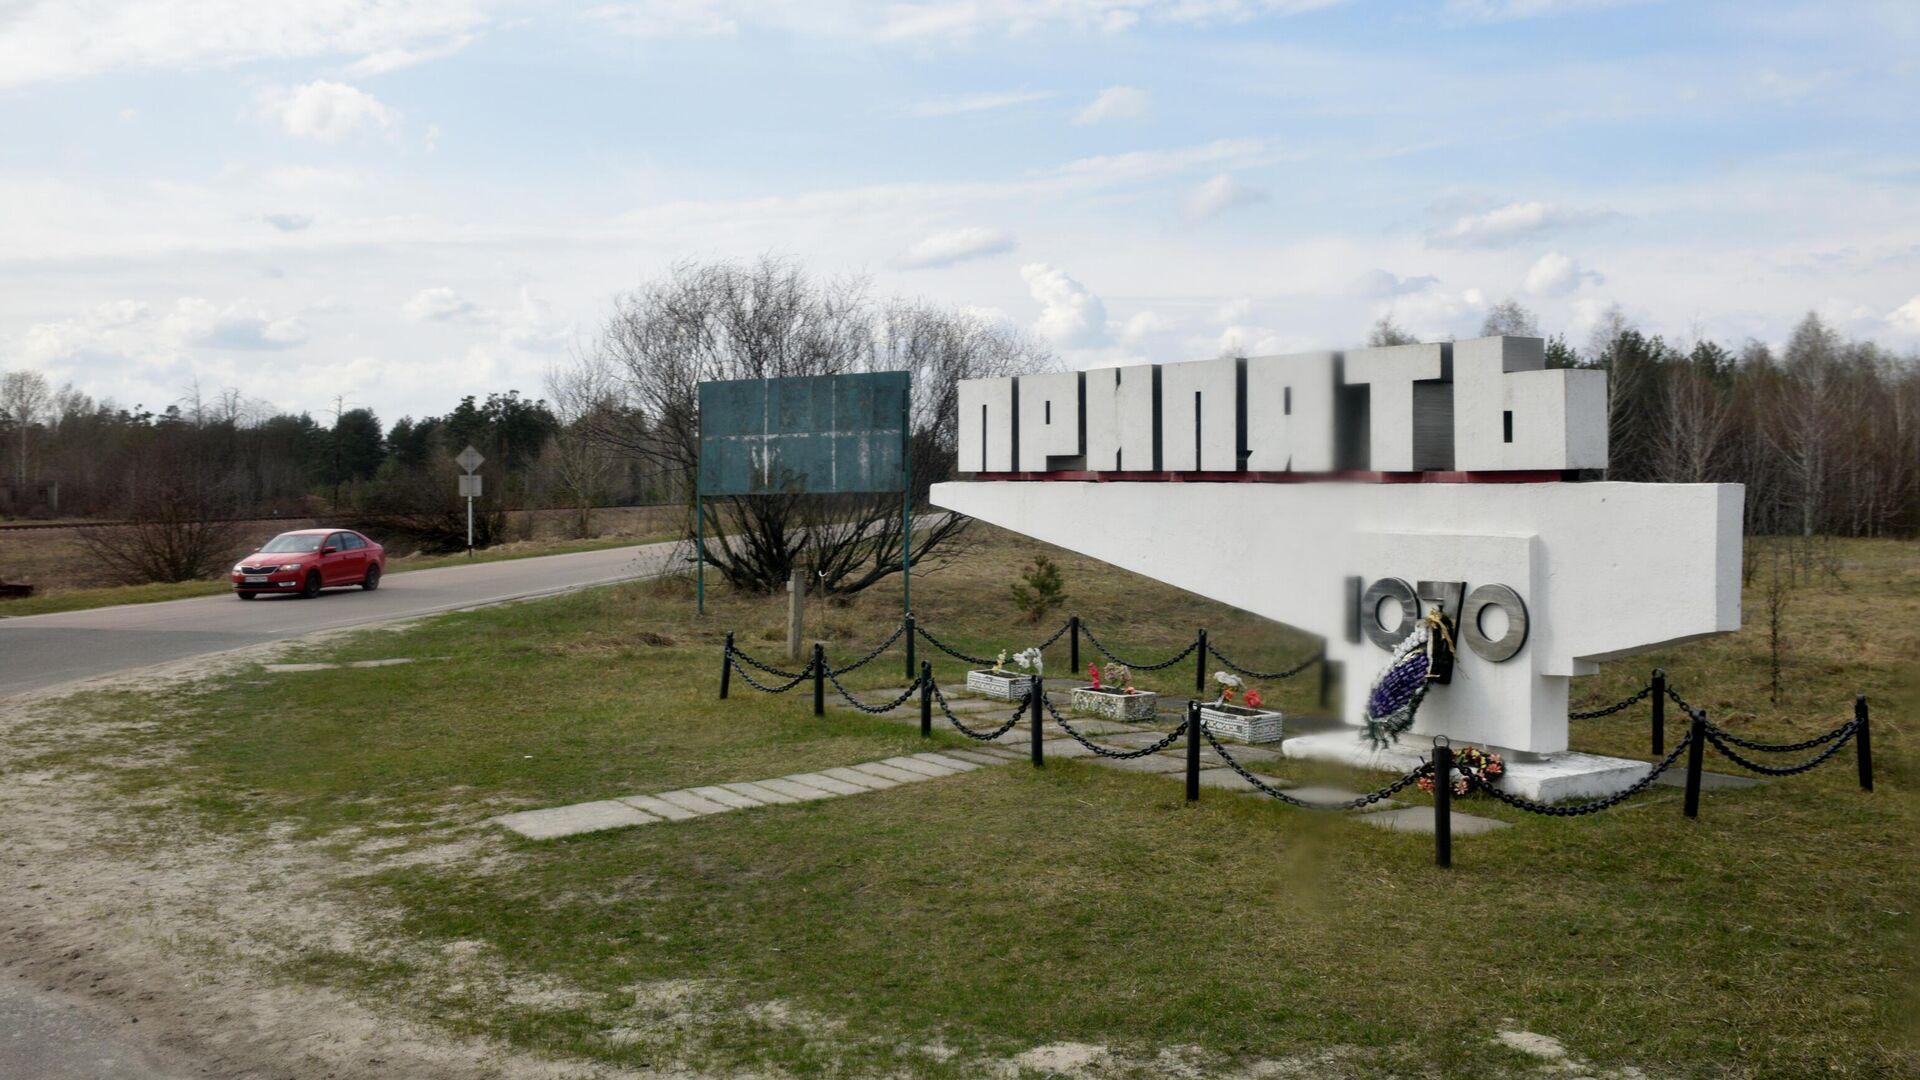 Стела с надписью Припять 1970 на территории зоны отчуждения Чернобыльской АЭС - РИА Новости, 1920, 02.08.2020